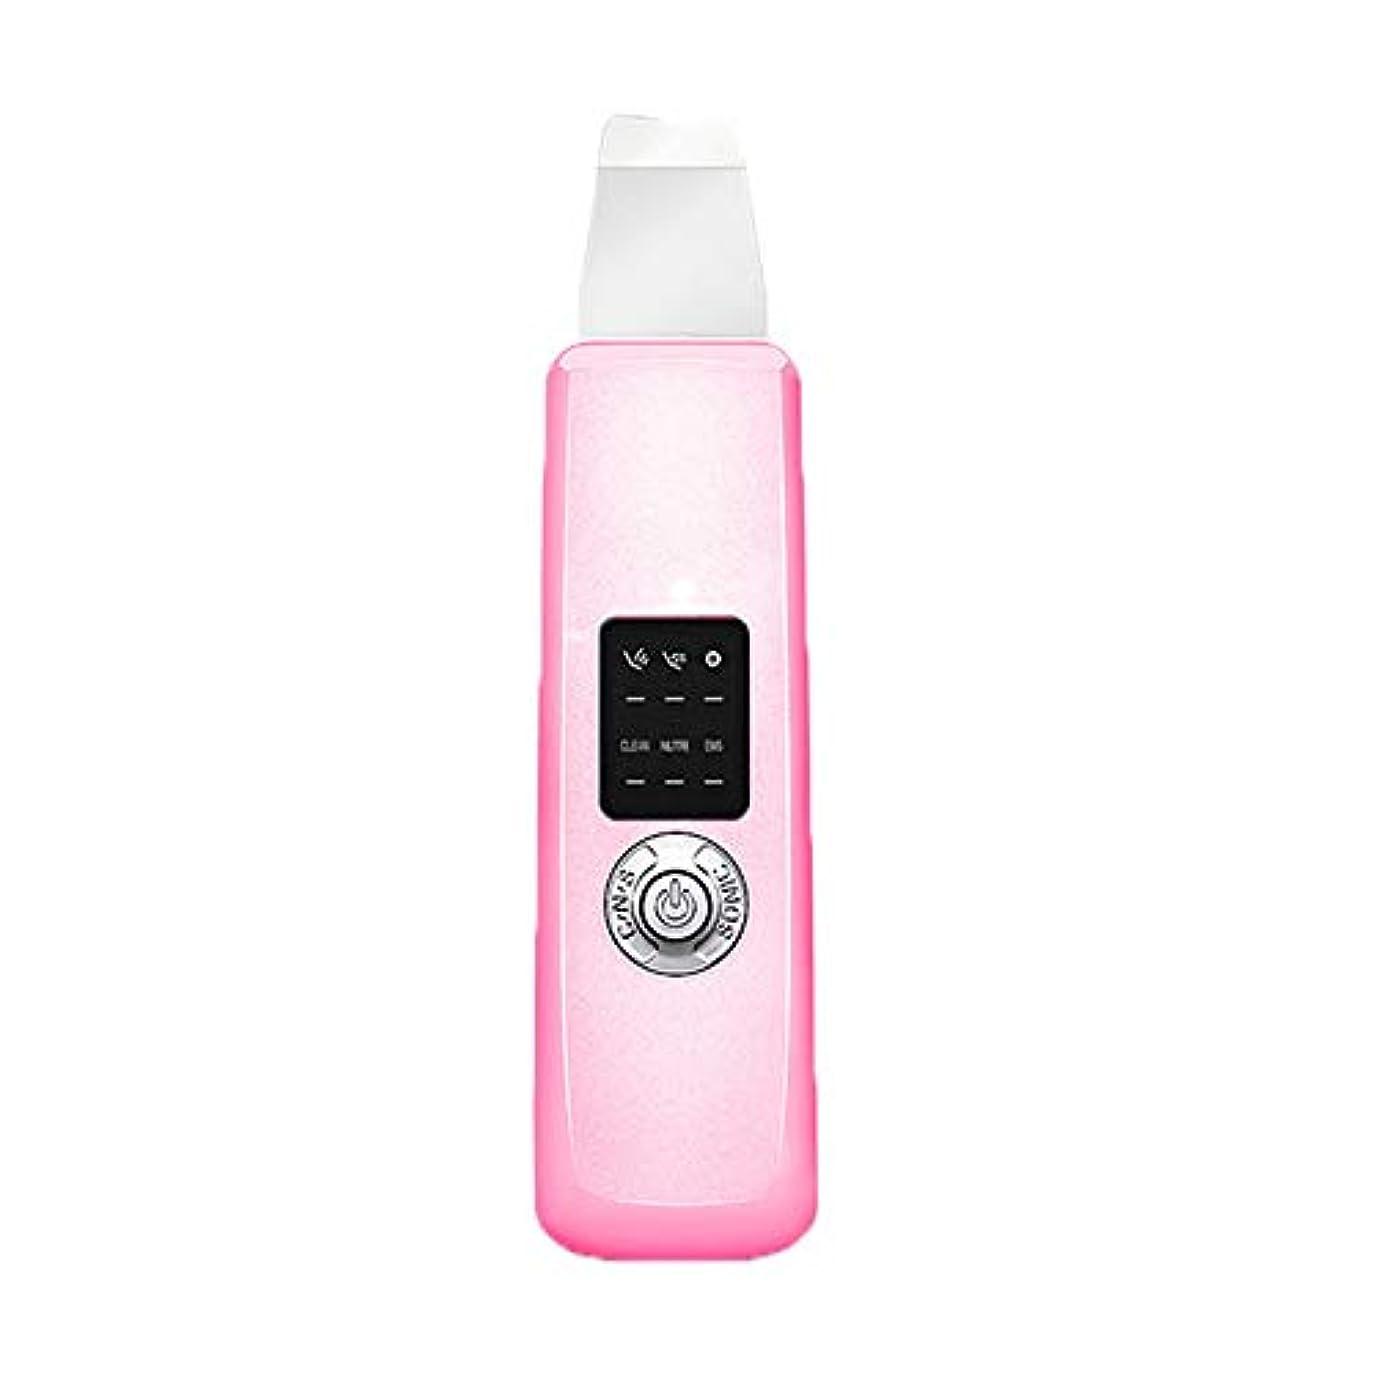 にきび除去剤、にきび毛穴クリーナーにきびに電気吸引ブラックヘッドアーティファクト電子美容洗剤,ピンク